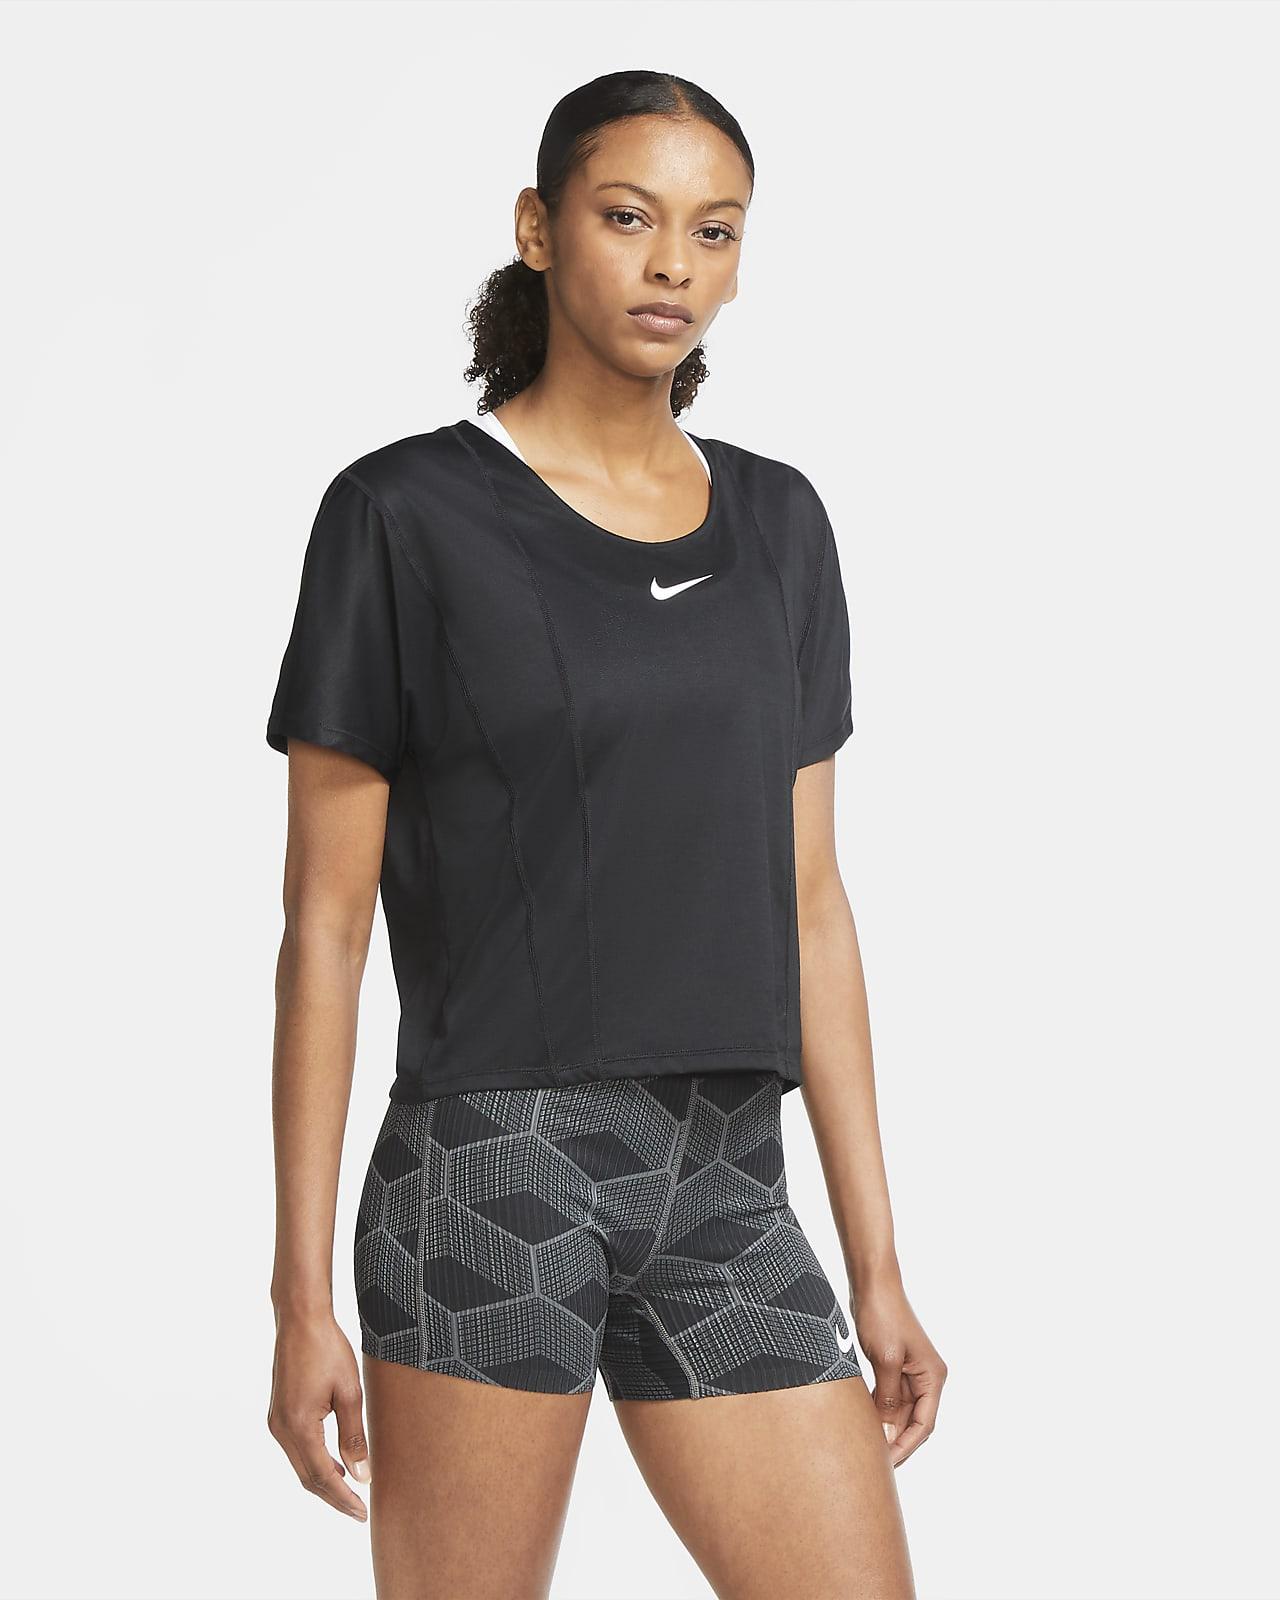 Camiseta de running para mujer Nike Icon Clash City Sleek